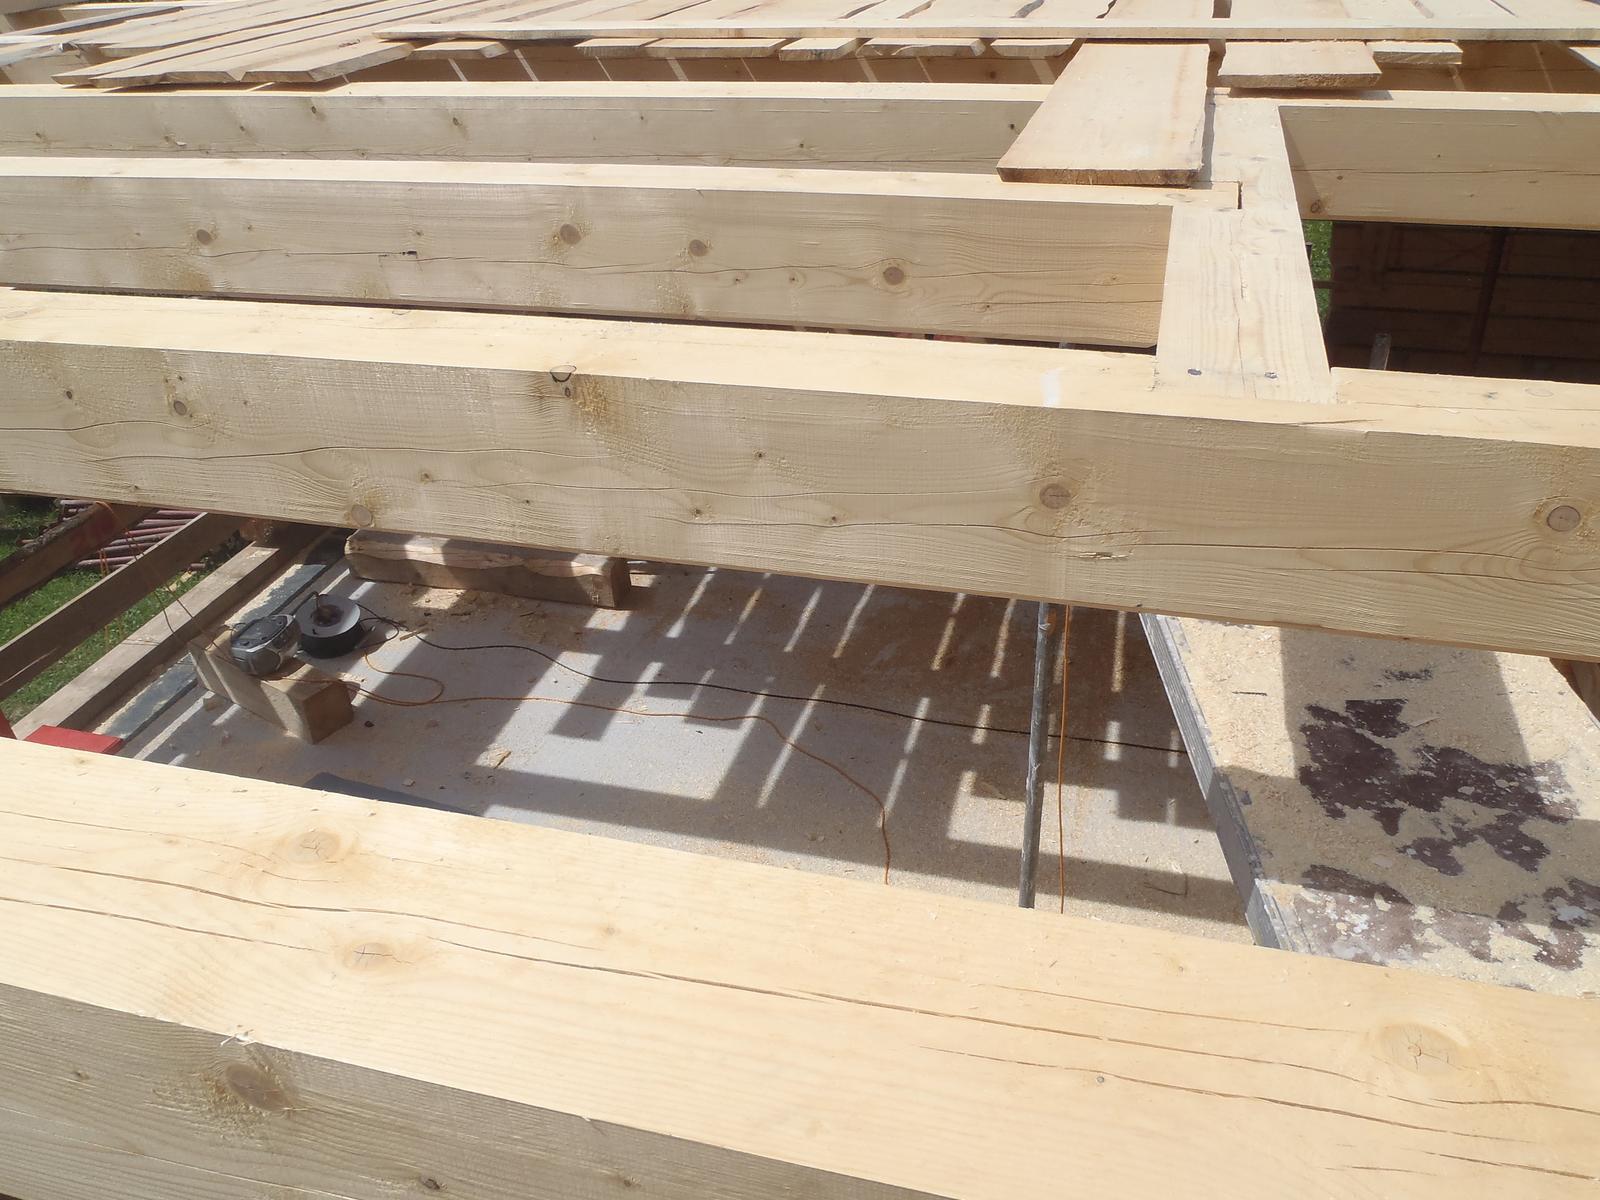 Náš veľký sen o drevenom domčeku! - Obrázok č. 100